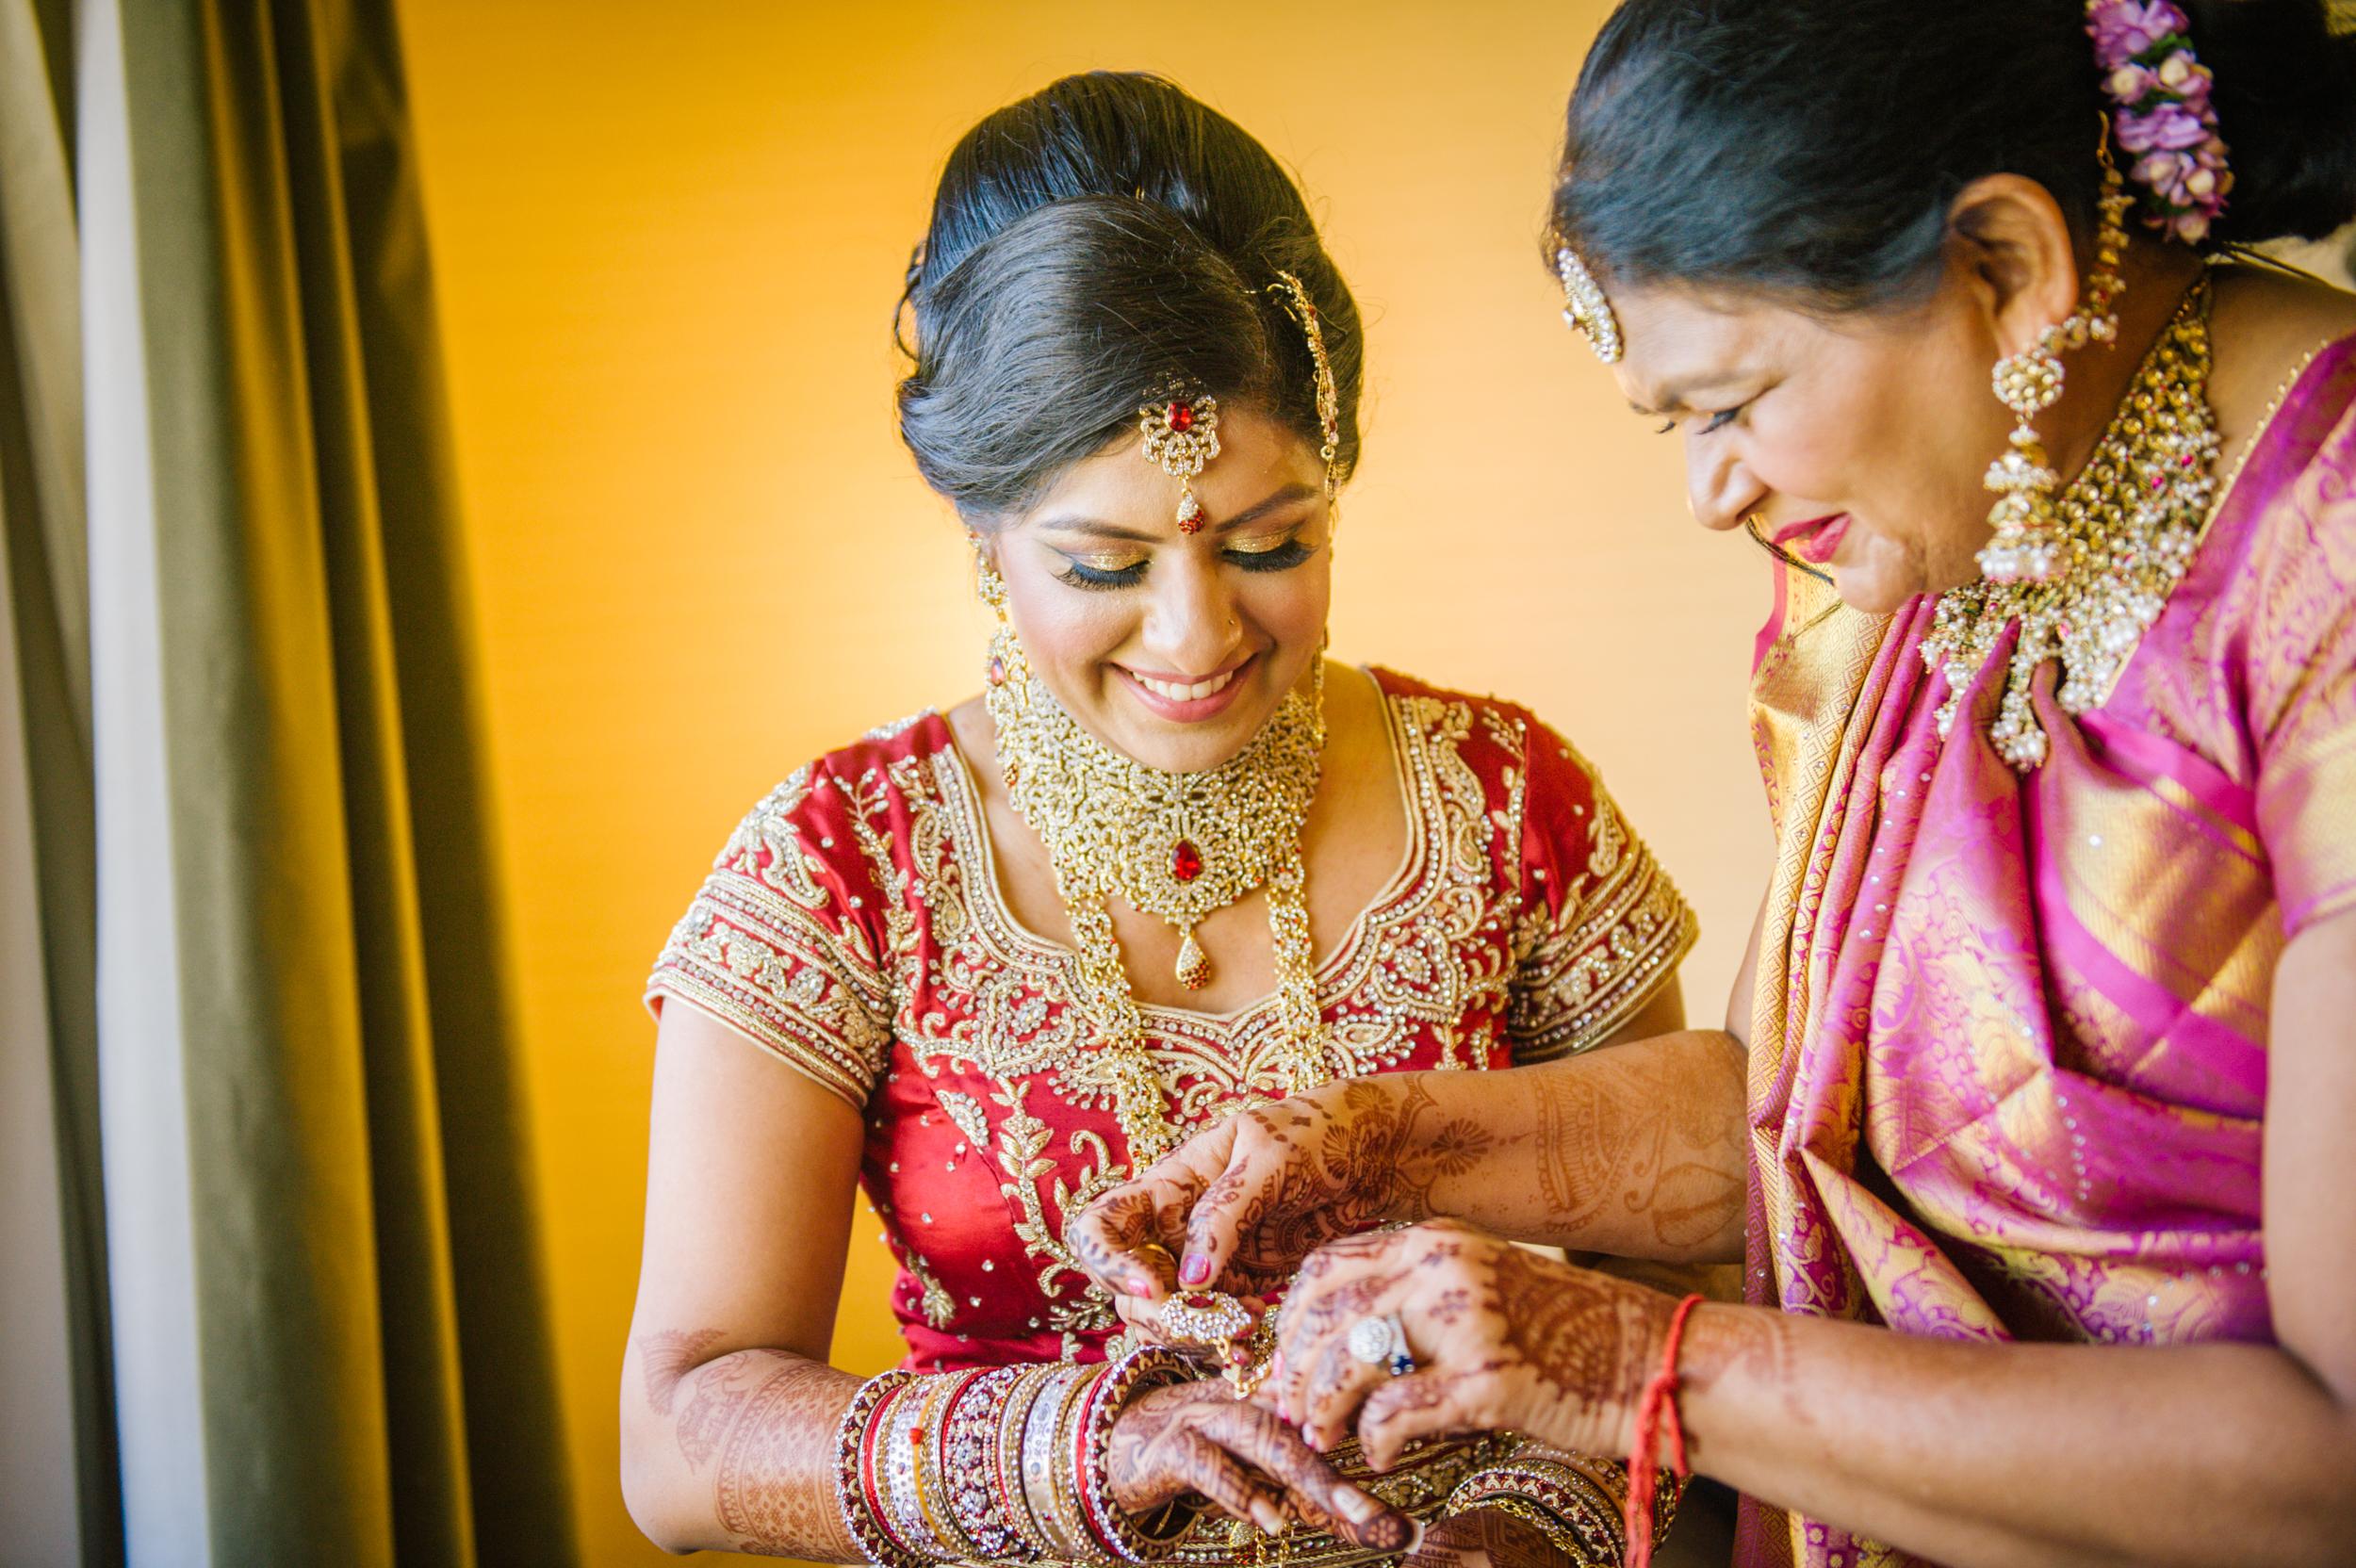 JKP_Indian_Weddings_0167.JPG